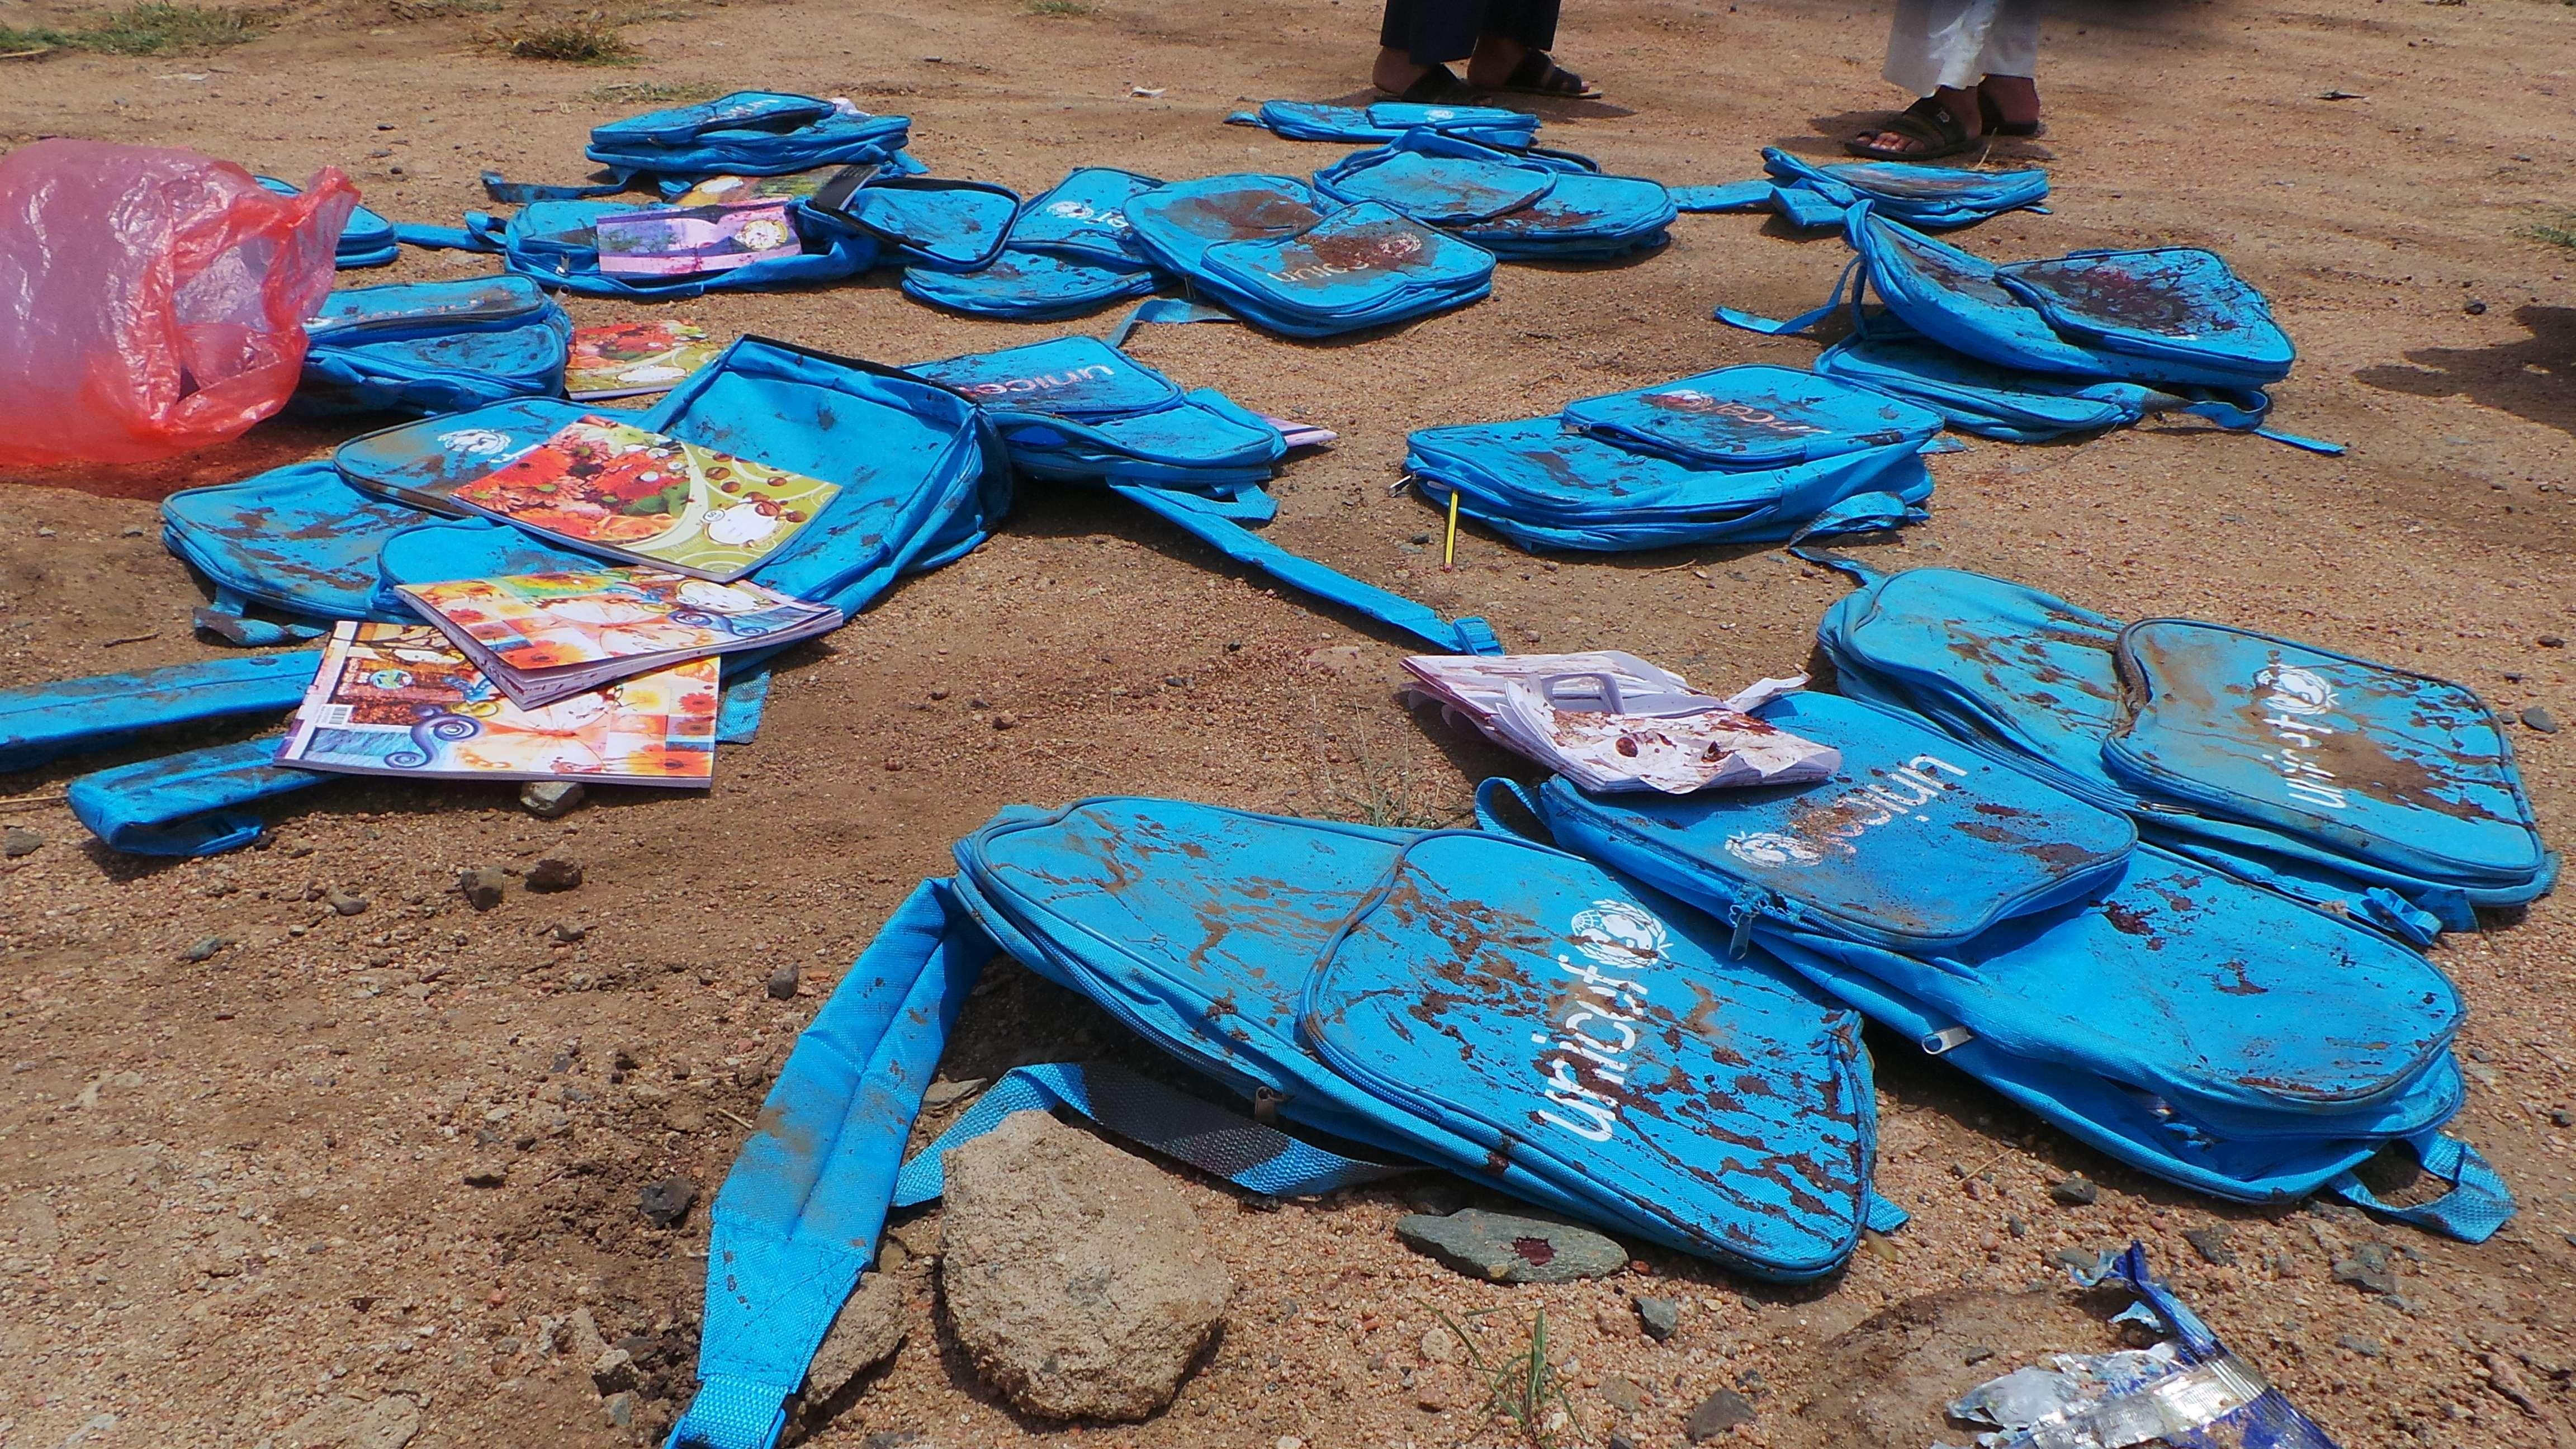 Des cartables d'enfants victimes d'un bombardement saoudien, le 10 août 2018 à Saada.